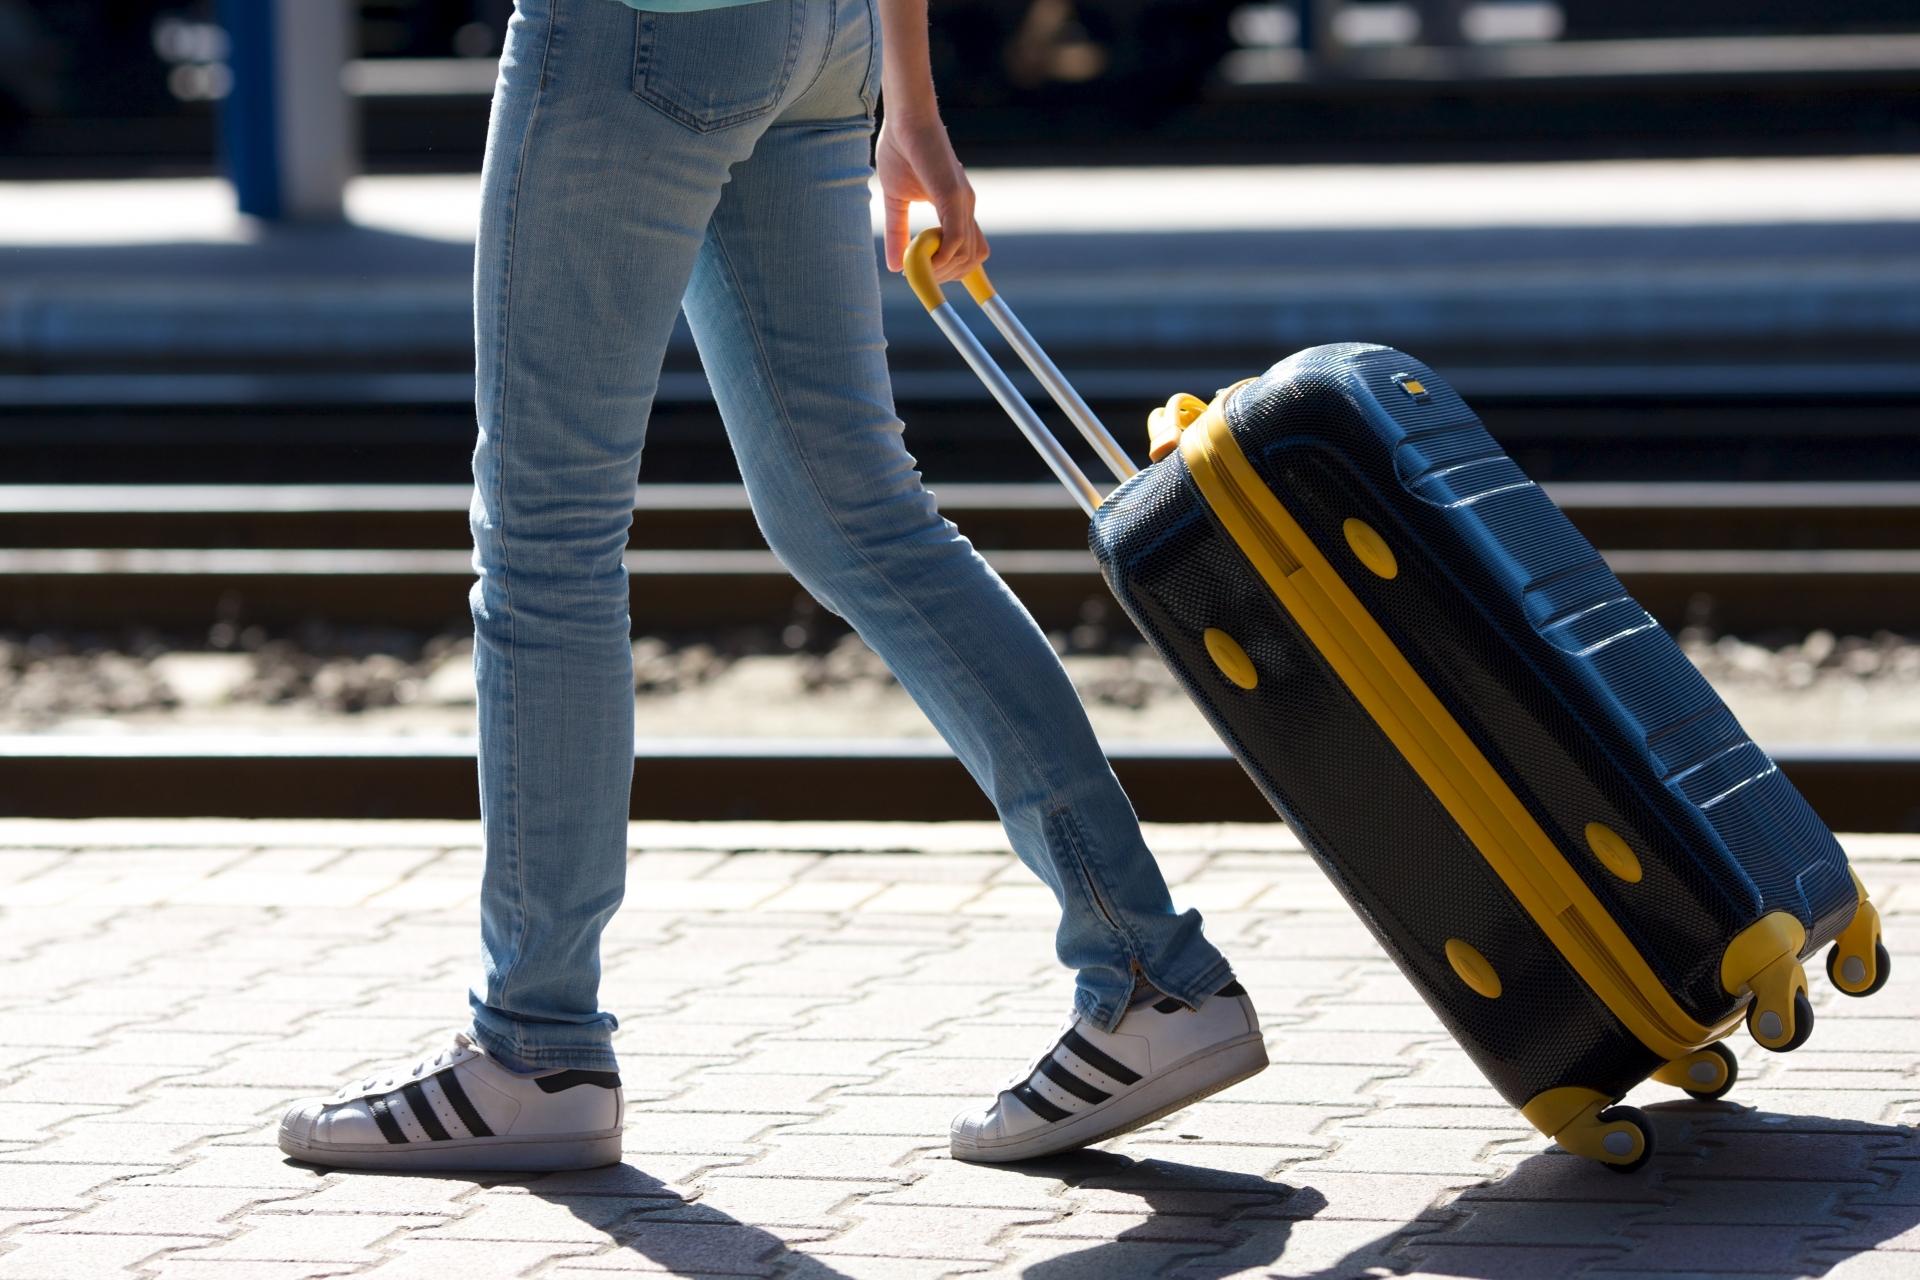 【ふるさと納税】スーツケースおすすめ人気ランキングTOP7!還元率も比較!